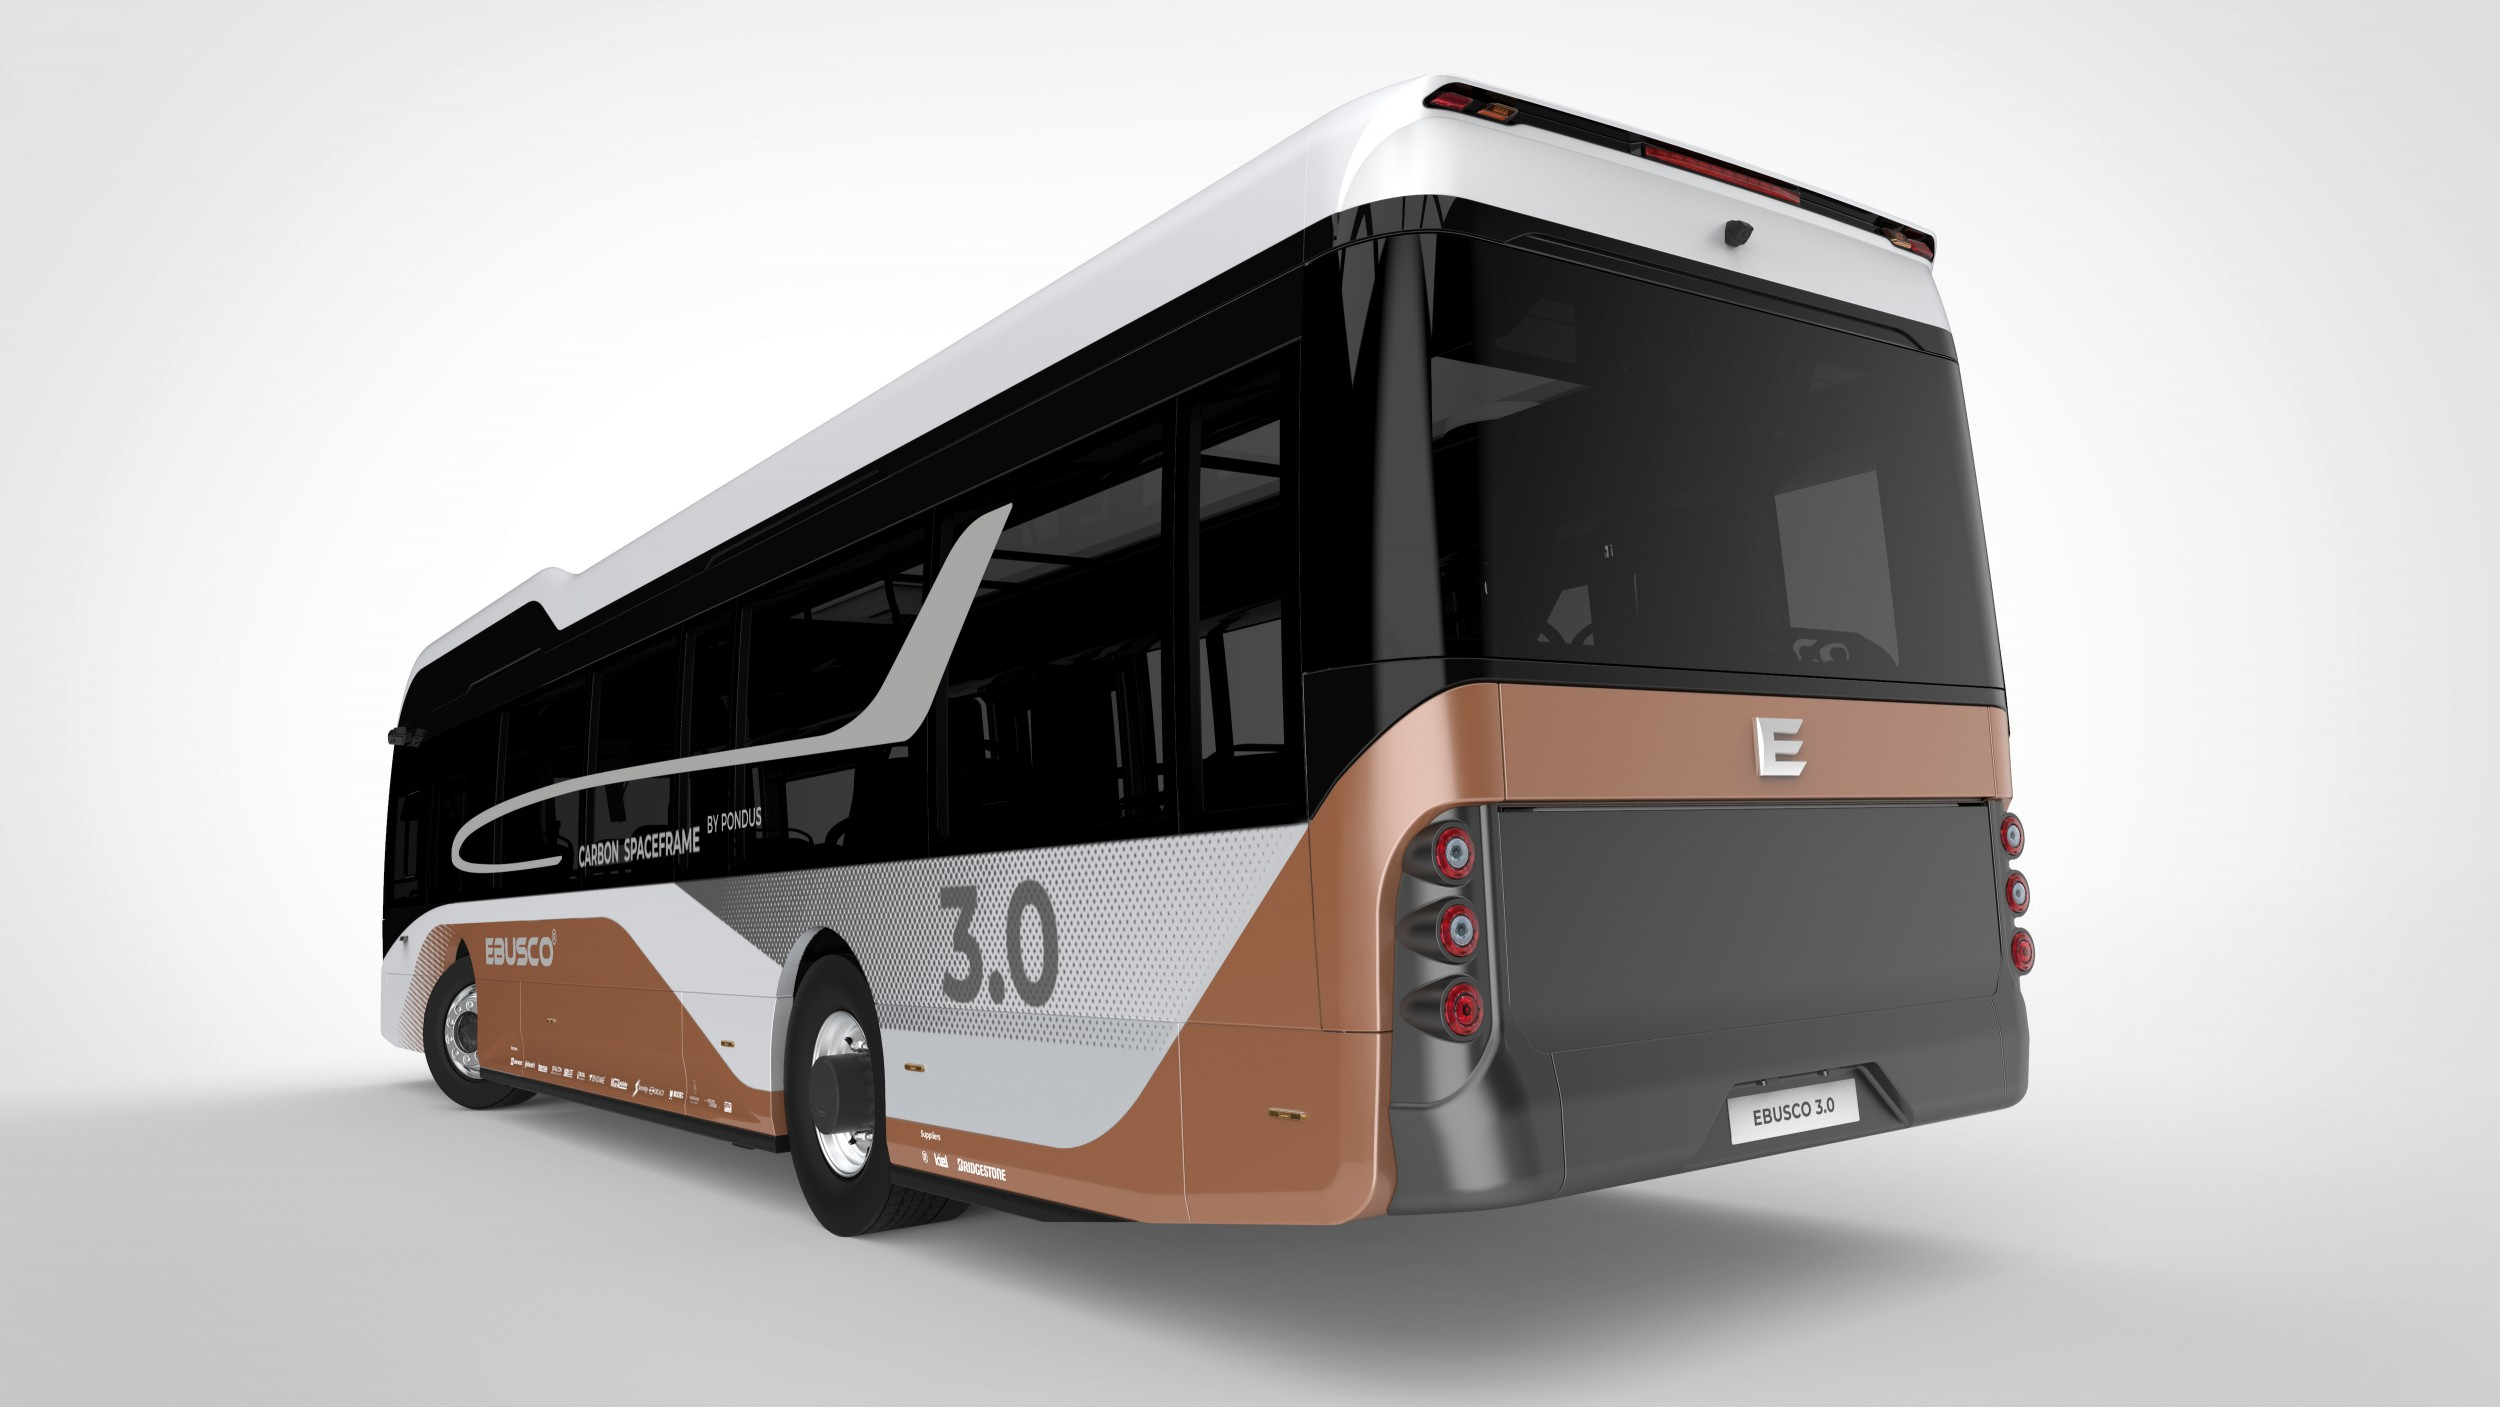 Ebusco_3.0_rear_01